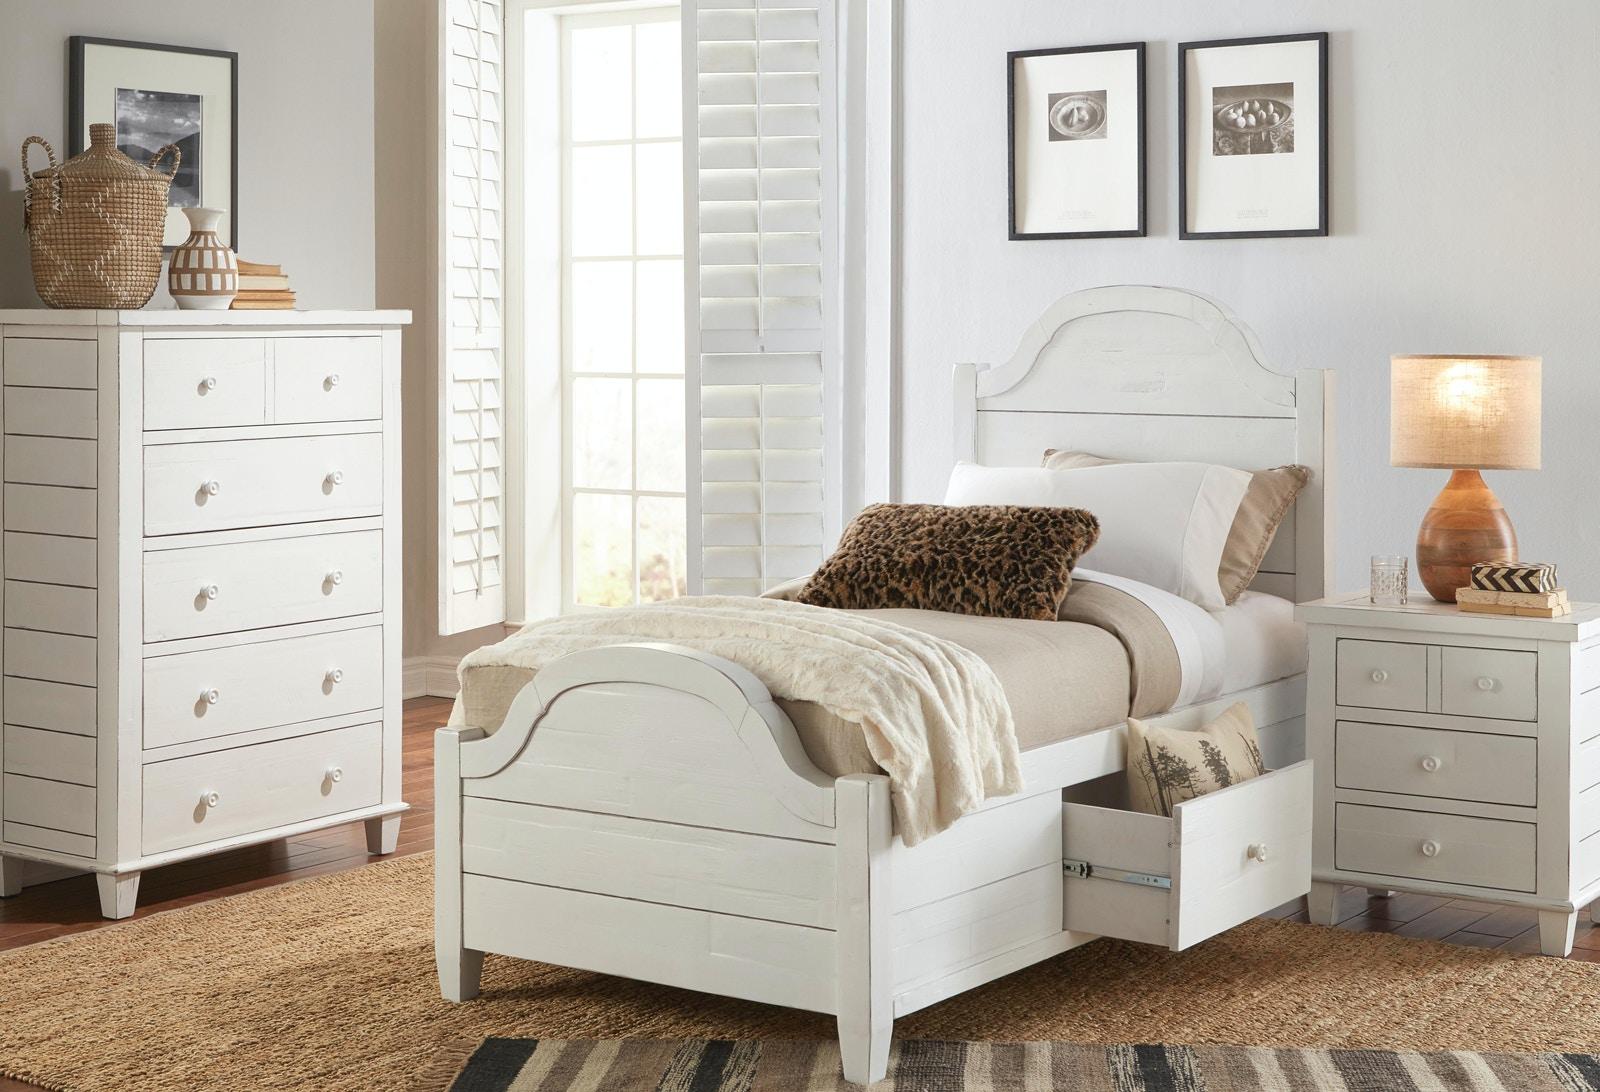 jofran chesapeake white storage bed full